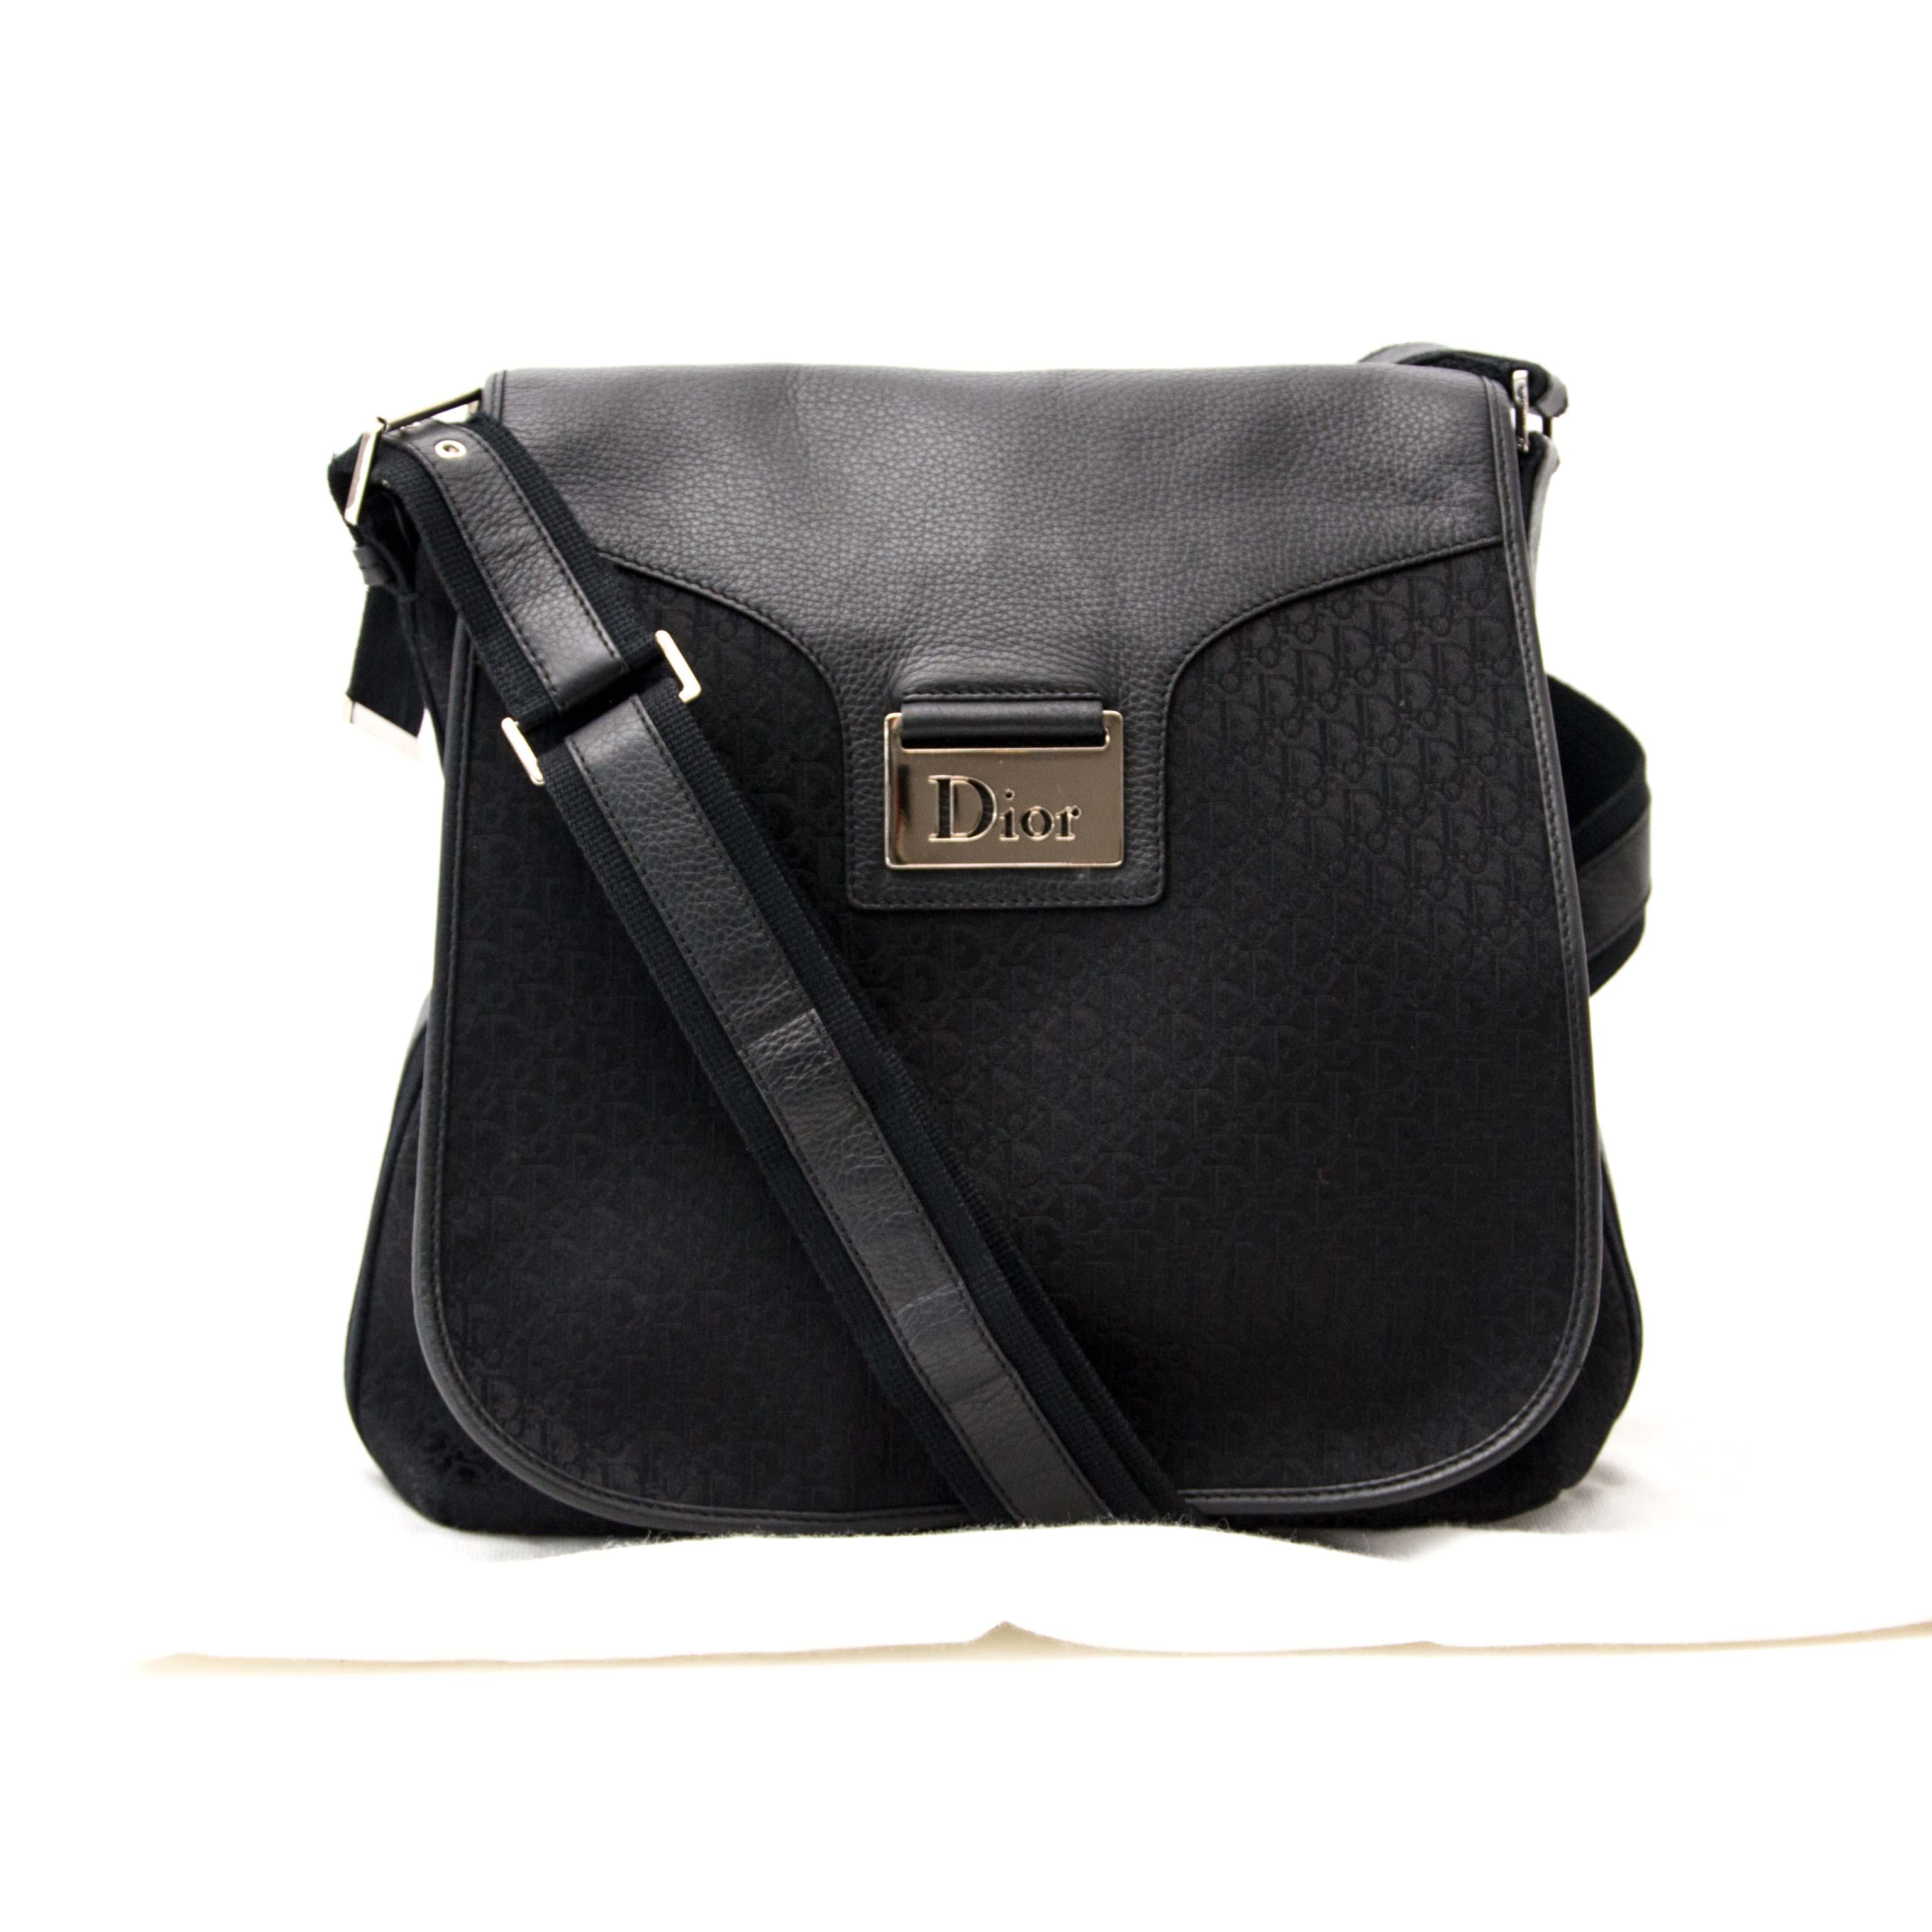 71c0df5d8e47 Labellov Shop safe online  authentic vintage Chloe bags and ...